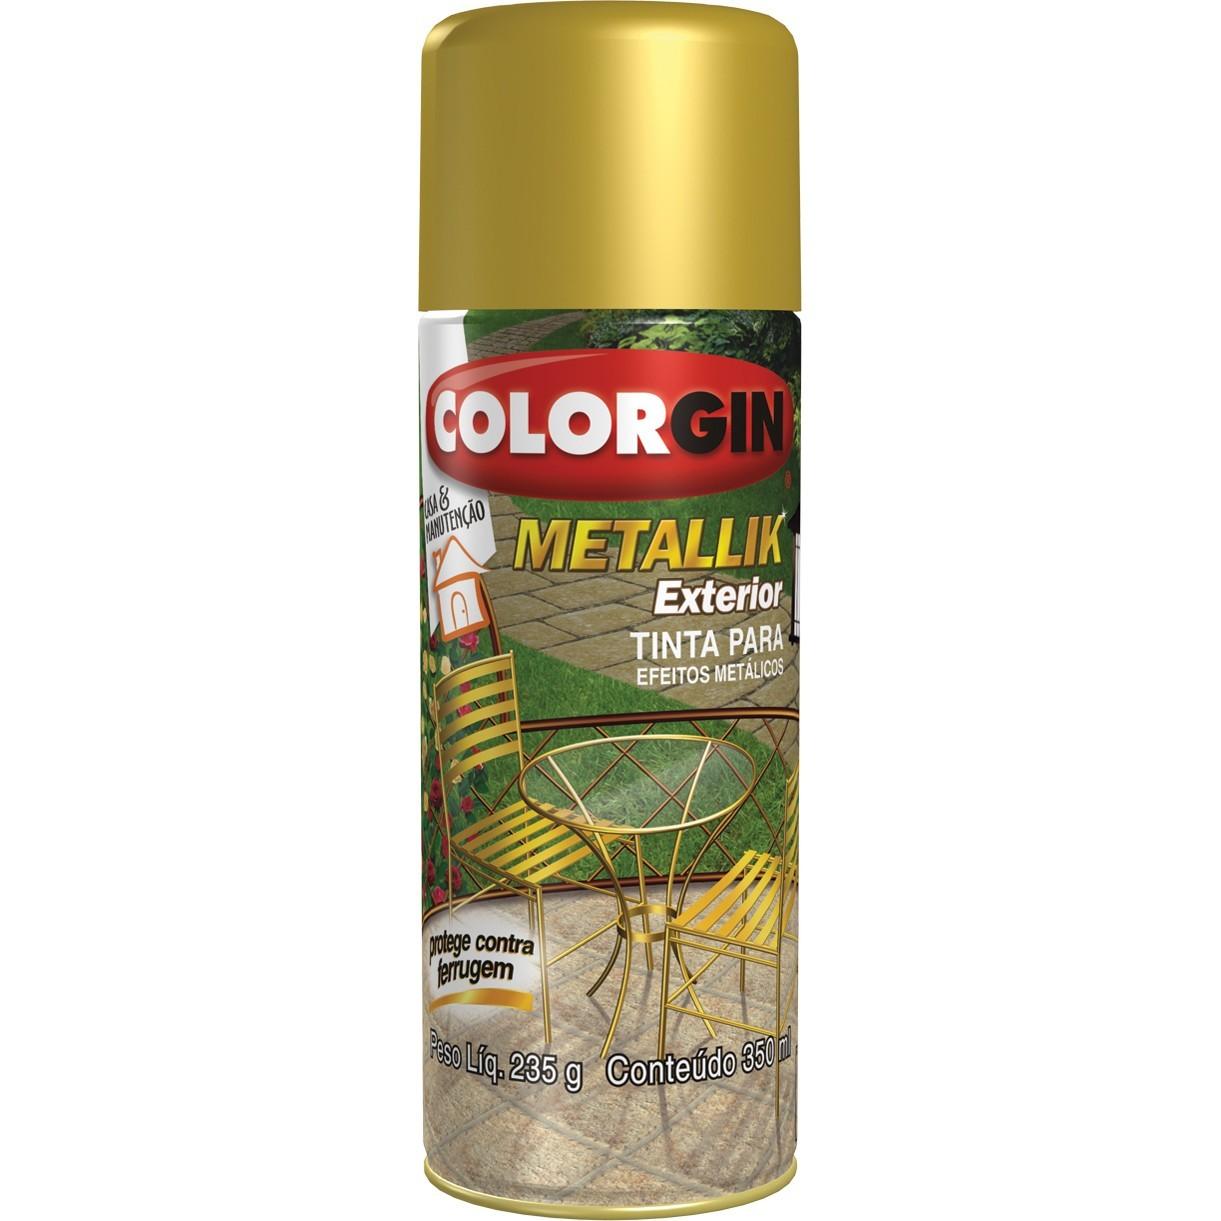 Tinta Spray Metalico Metallik Externo - Prata - 350ml - Colorgin